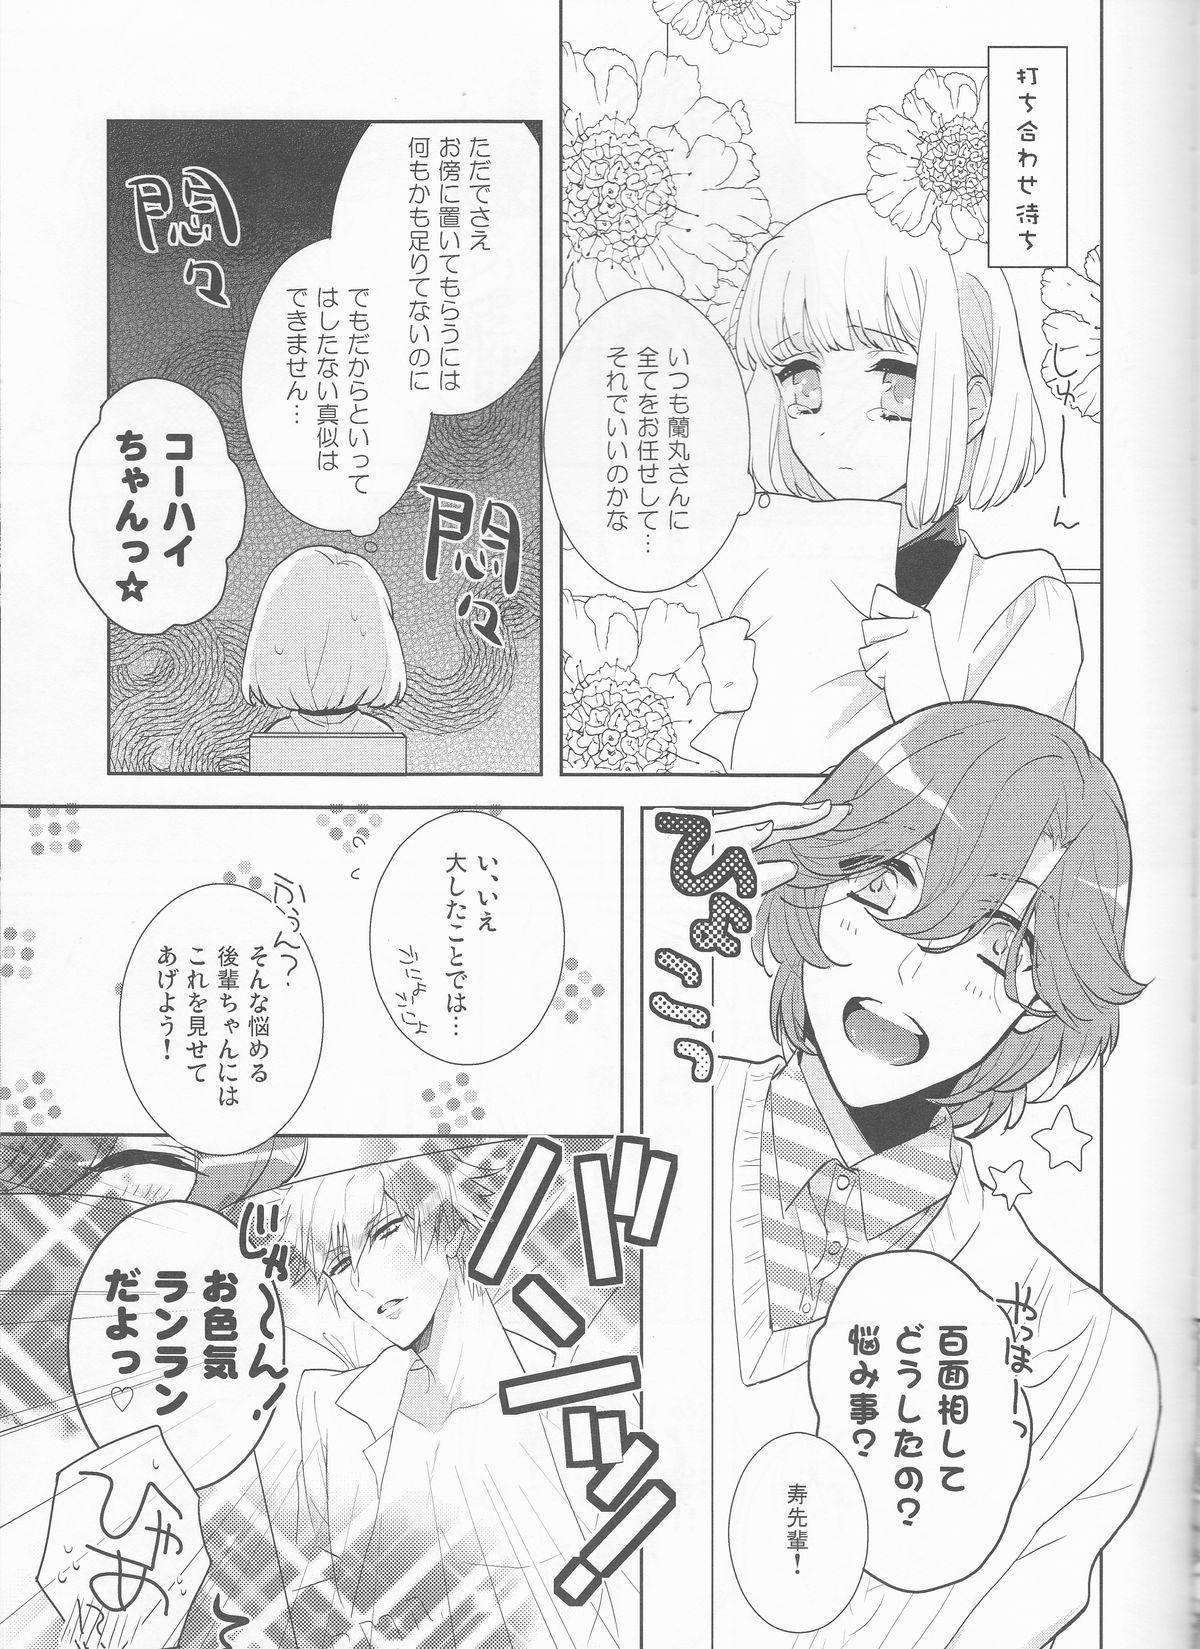 Otona no Hajimari 5